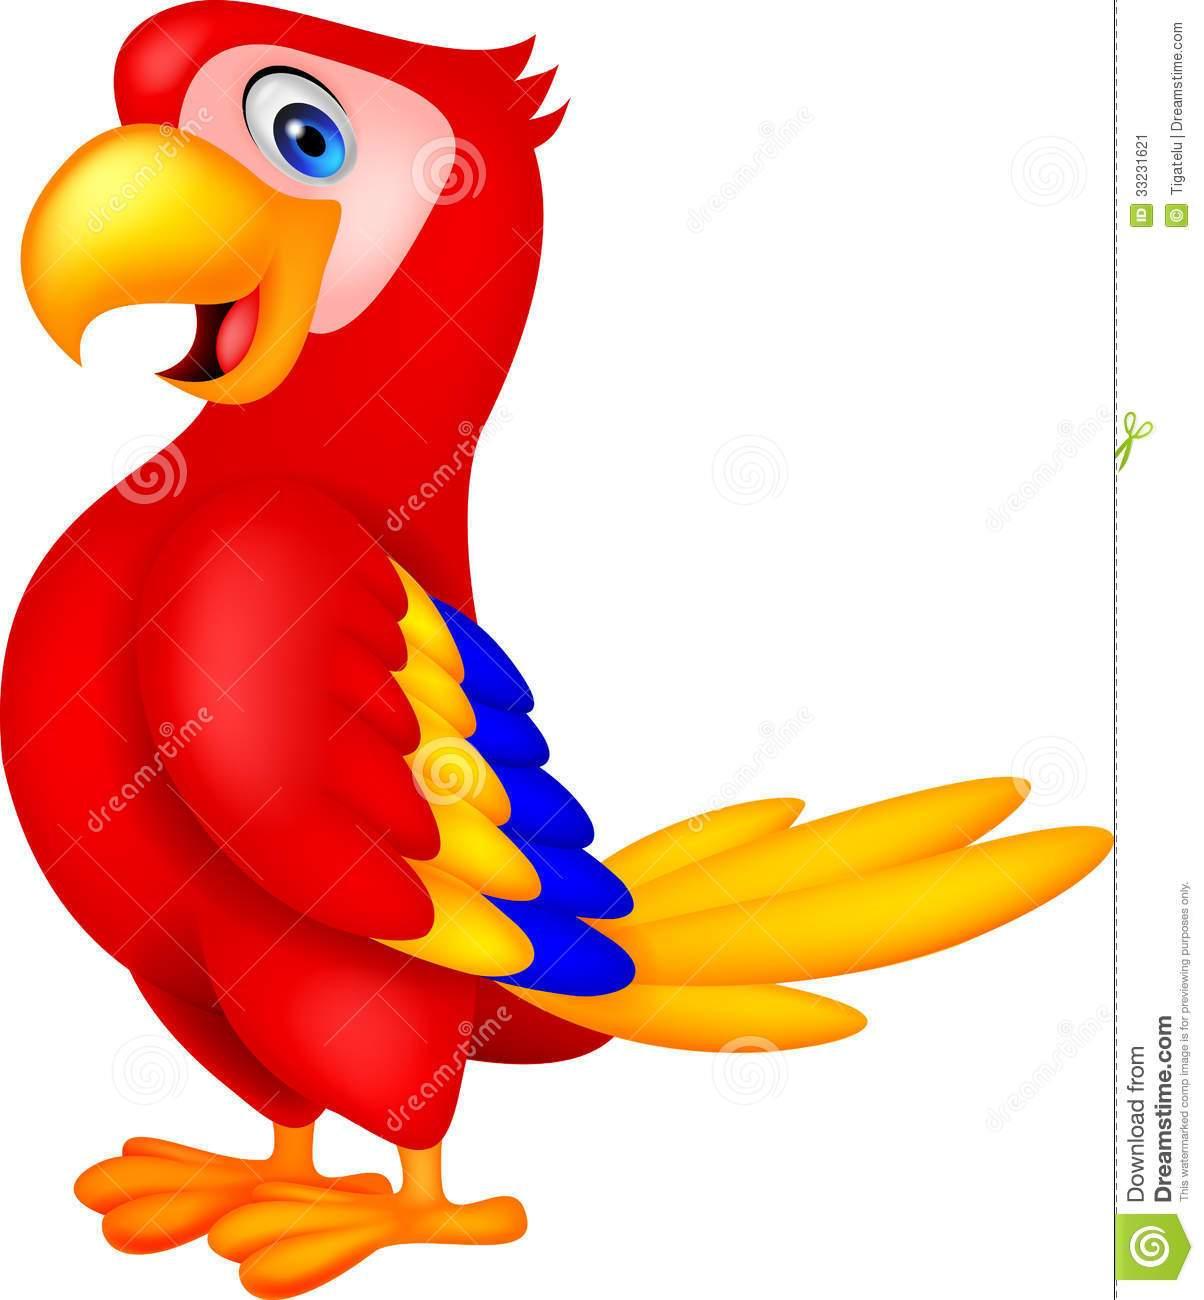 Cartoon parrot clipart 5 » Clipart Portal.